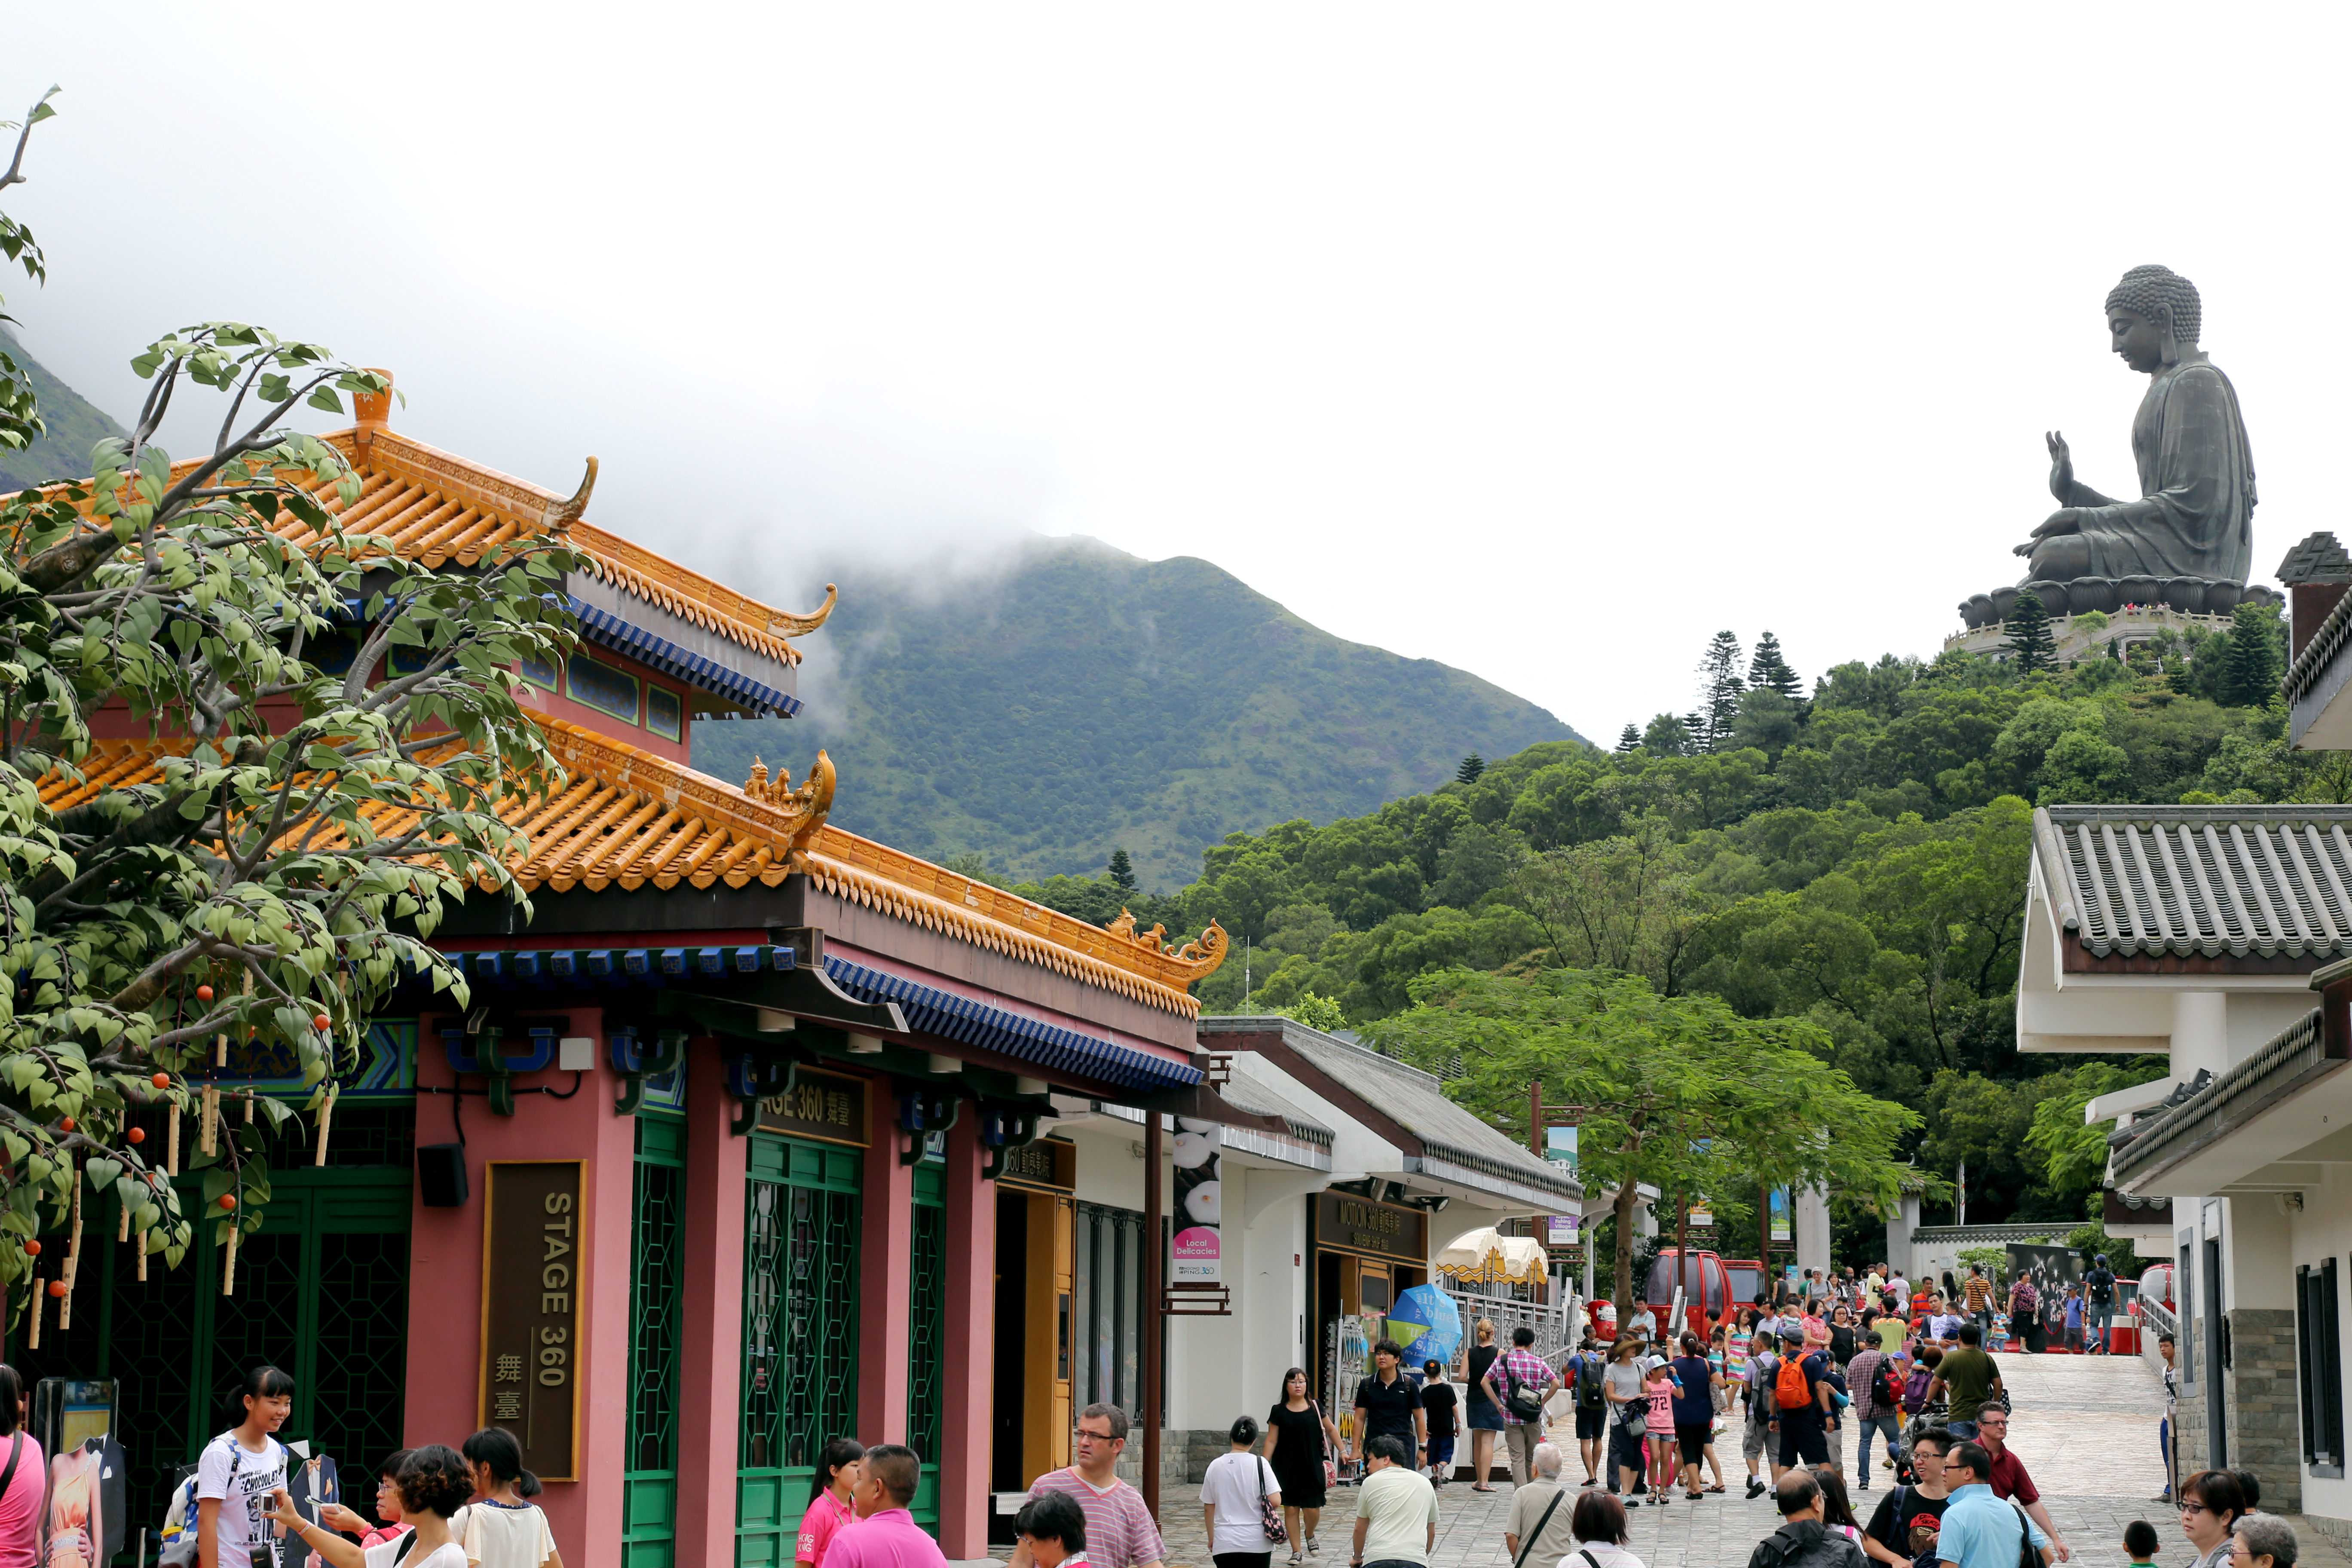 Hong Kong's Ngong Ping village Cultural and Spiritual walk